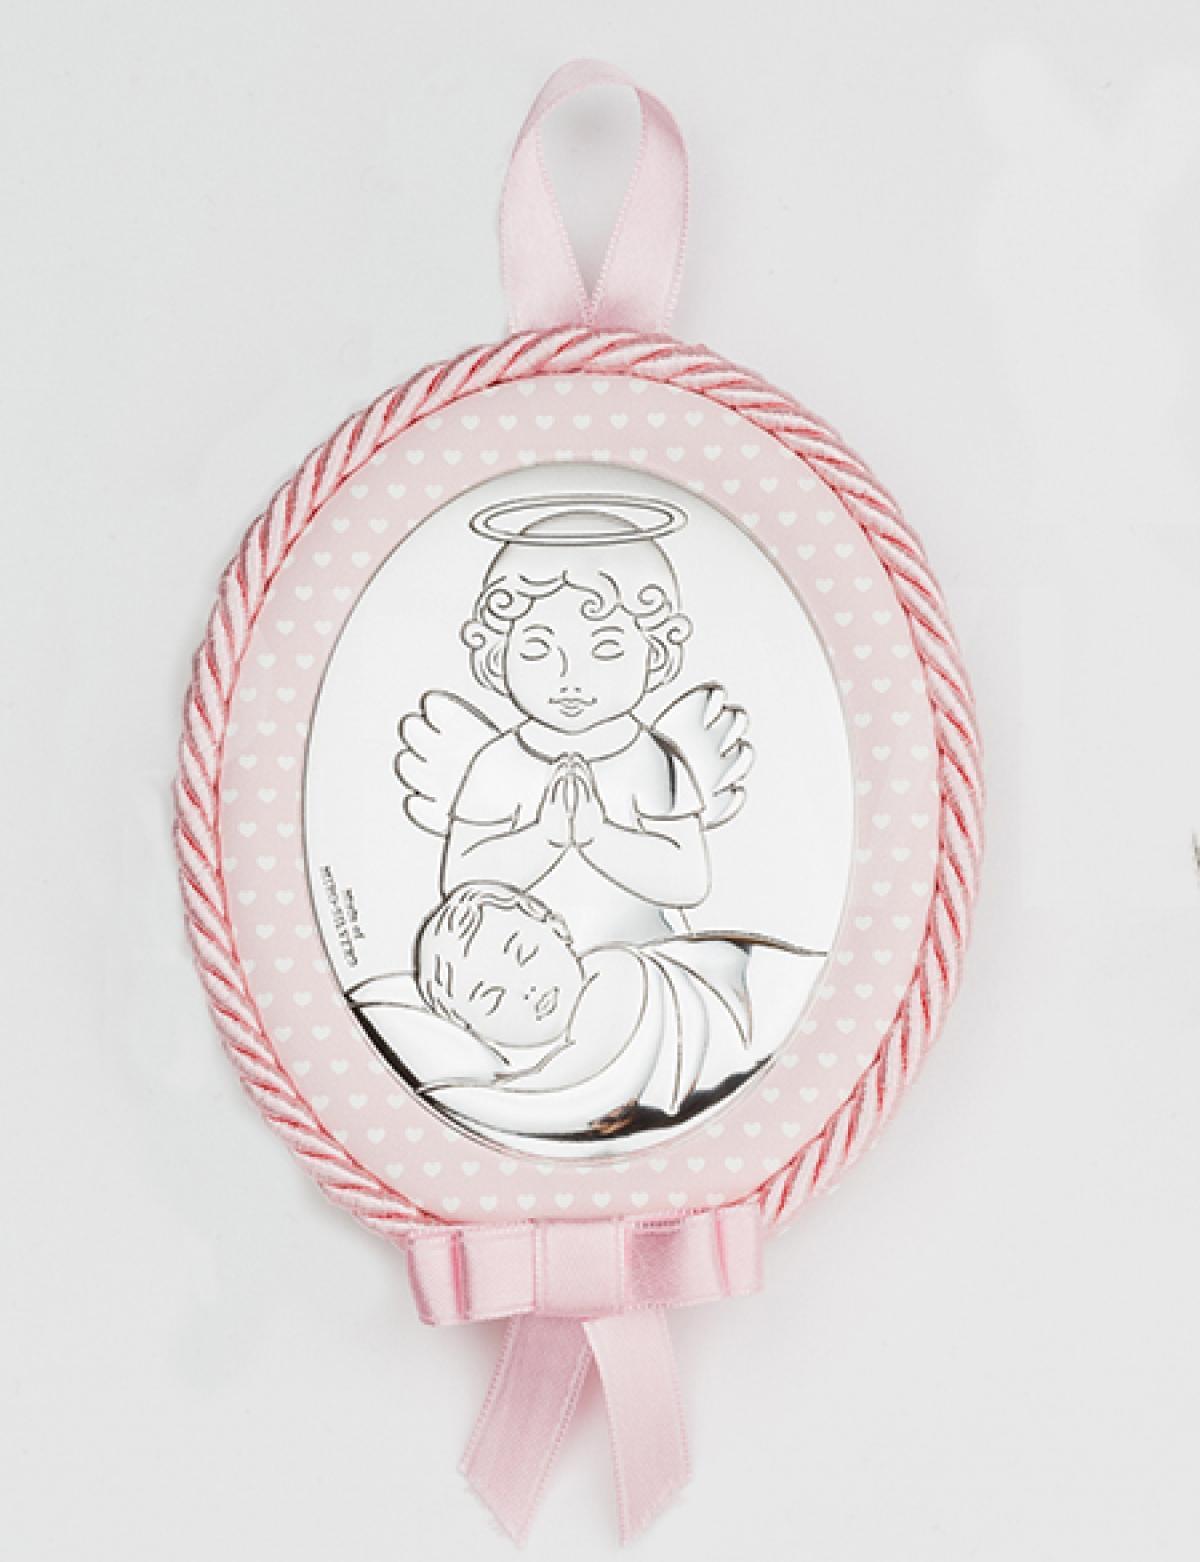 Ікона срібна дитяча ``Ангел над дитиною`` (12х10)